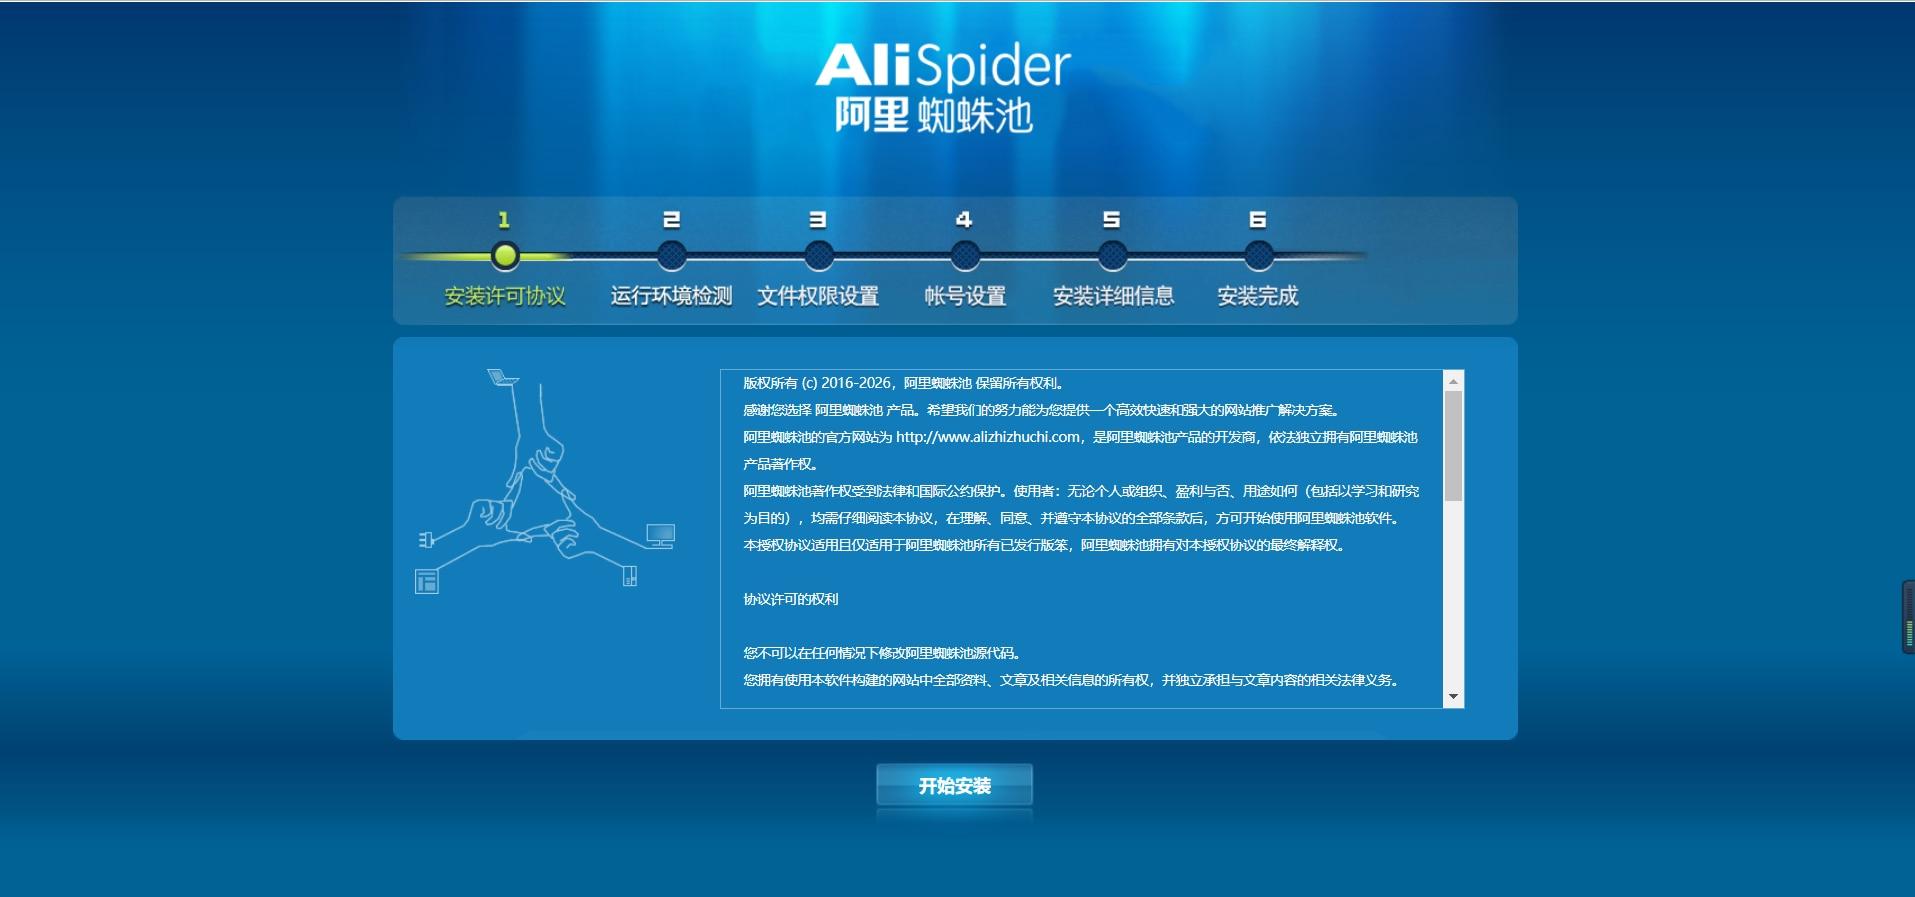 最新阿里蜘蛛池破解版程序 阿里蜘蛛池 第2张